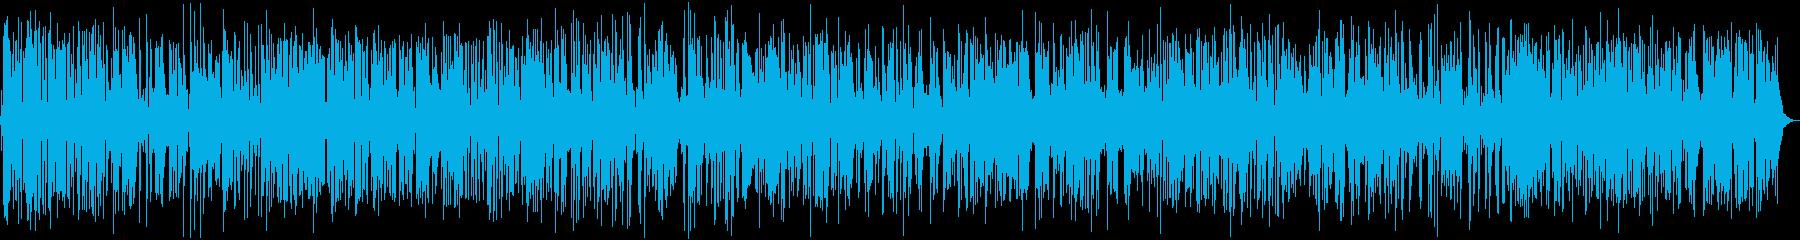 ジャズピアノのおしゃれカフェBGMの再生済みの波形